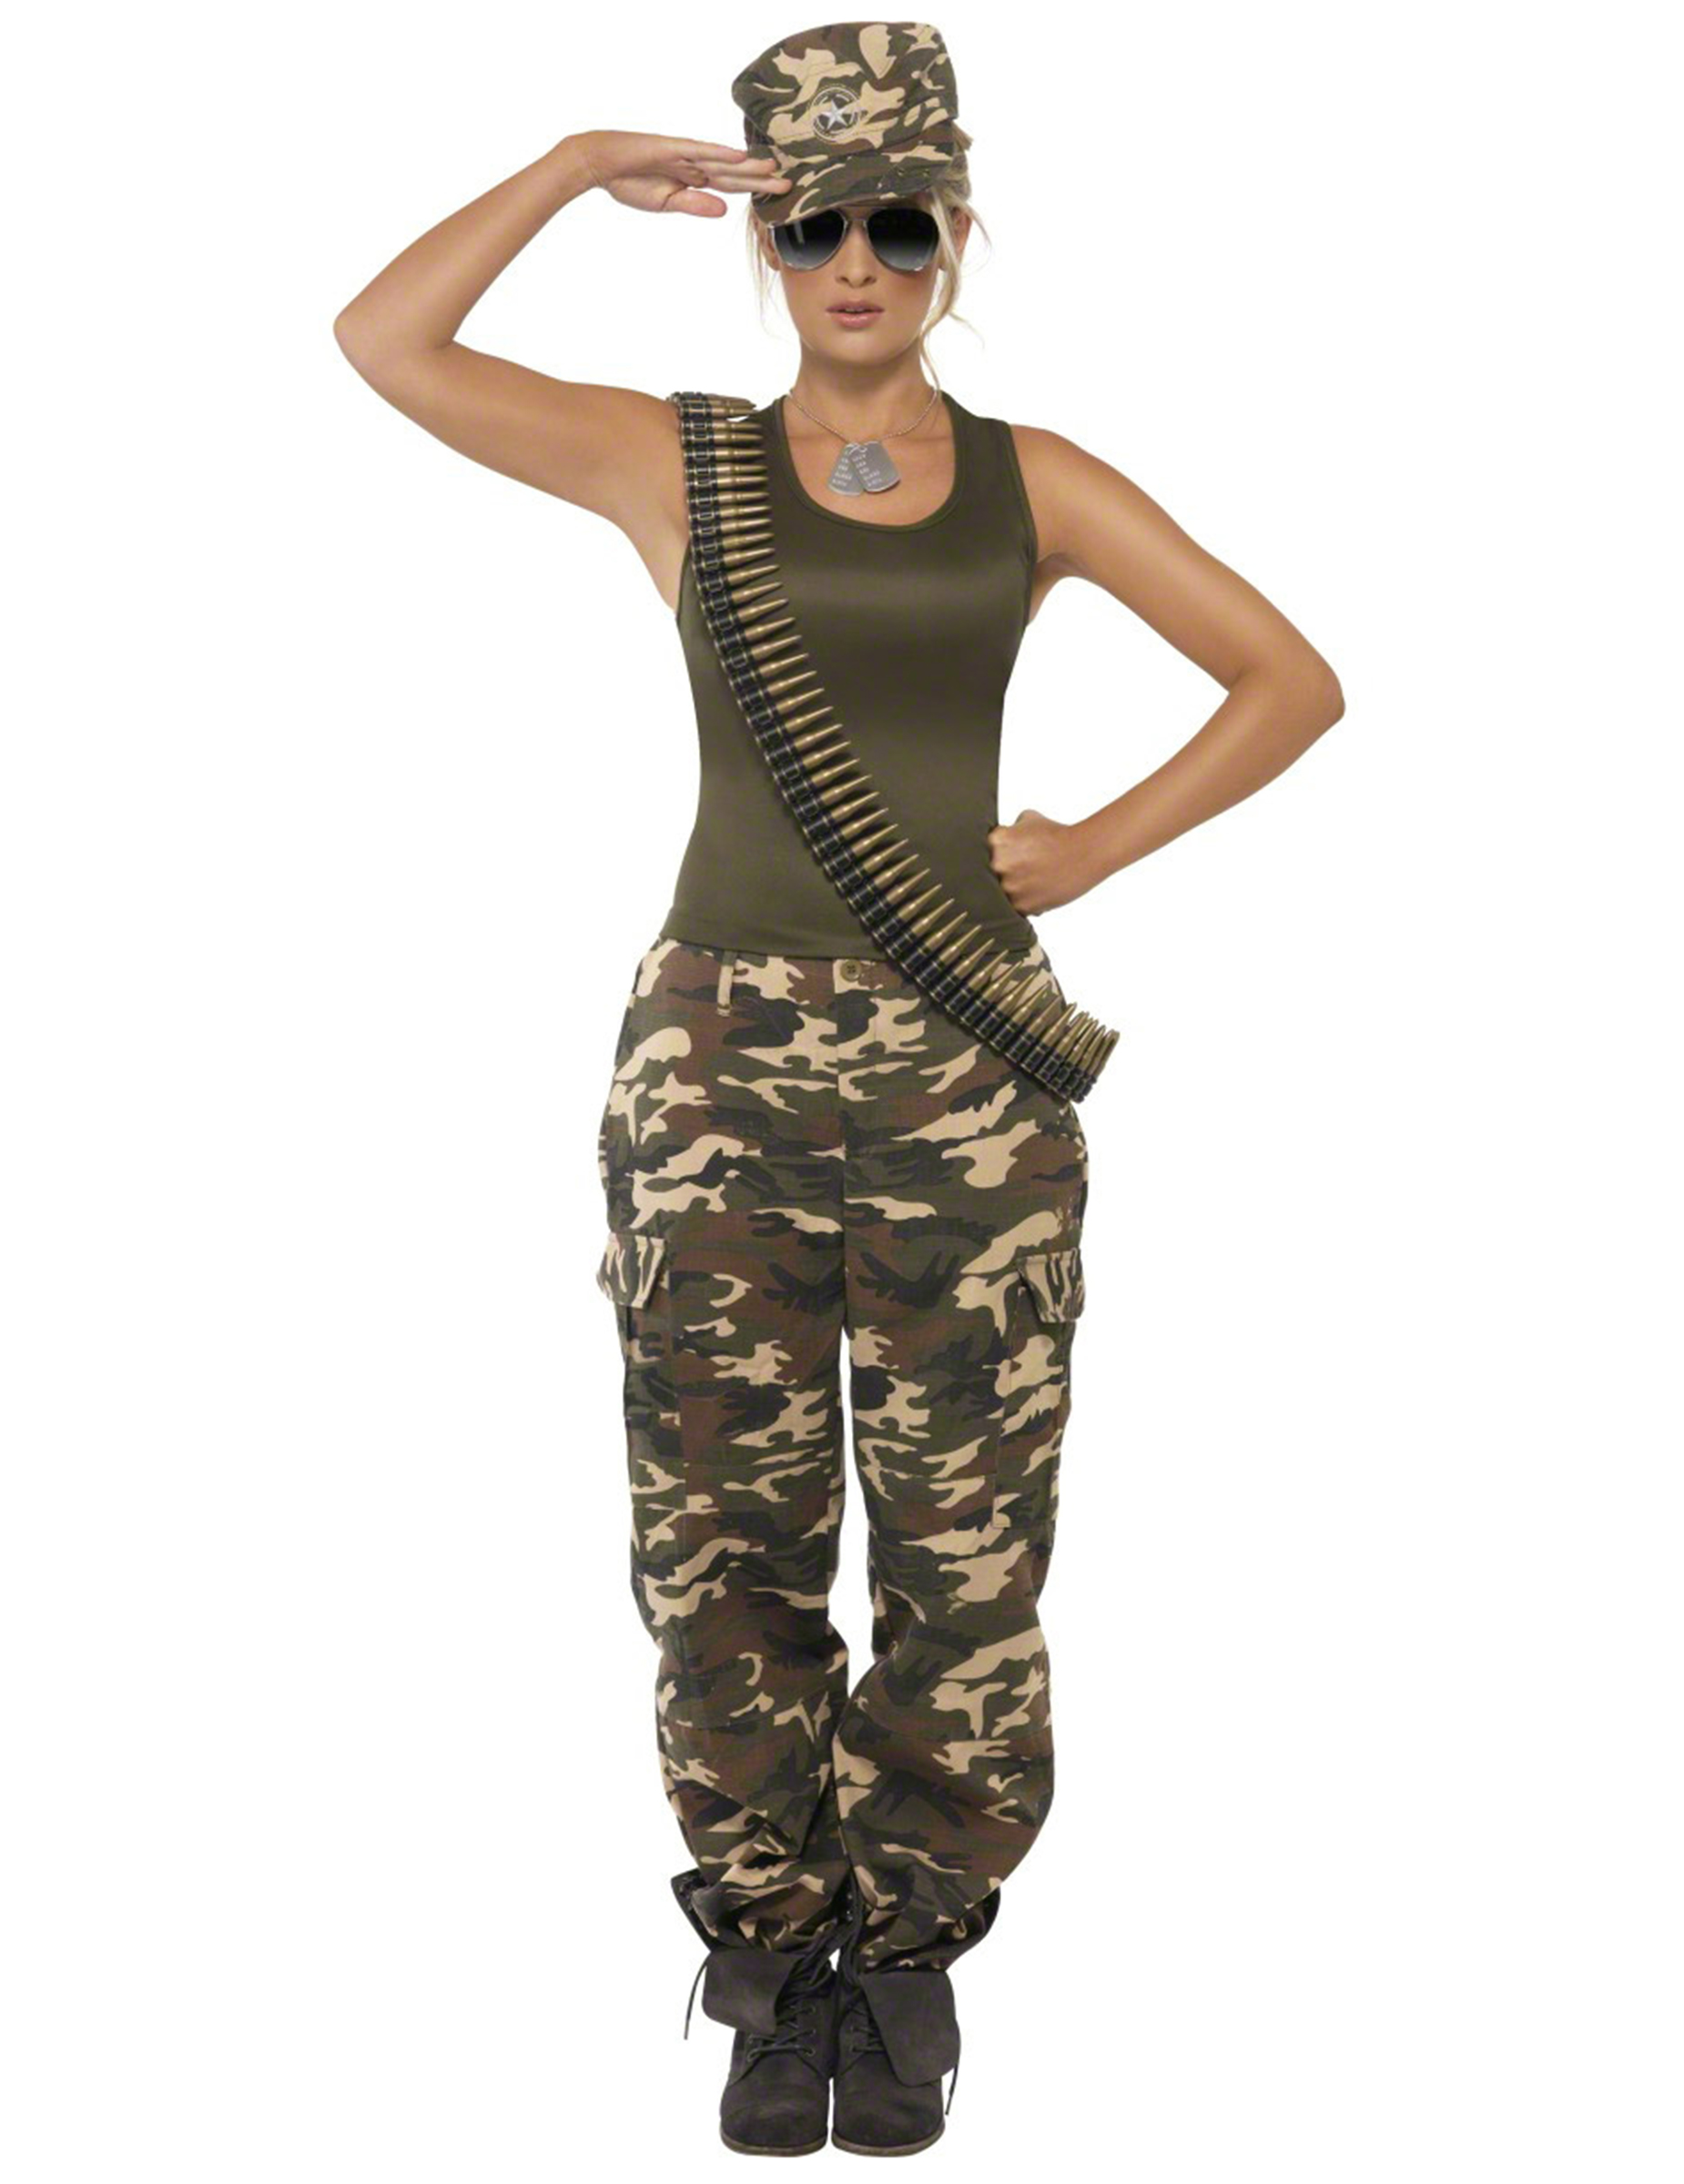 d guisement militaire femme deguise toi achat de. Black Bedroom Furniture Sets. Home Design Ideas